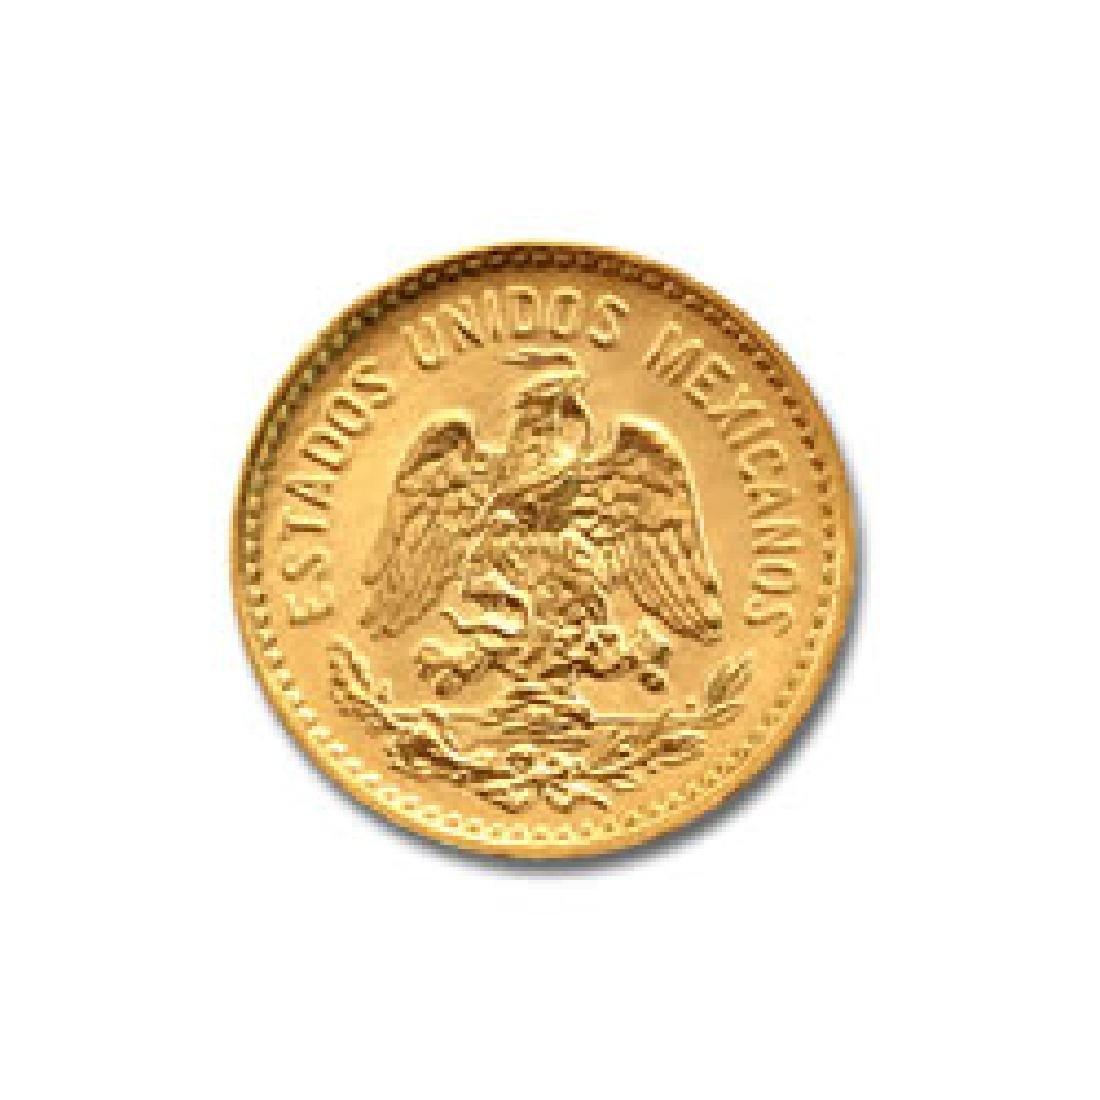 Mexico 5 Pesos Gold Coin